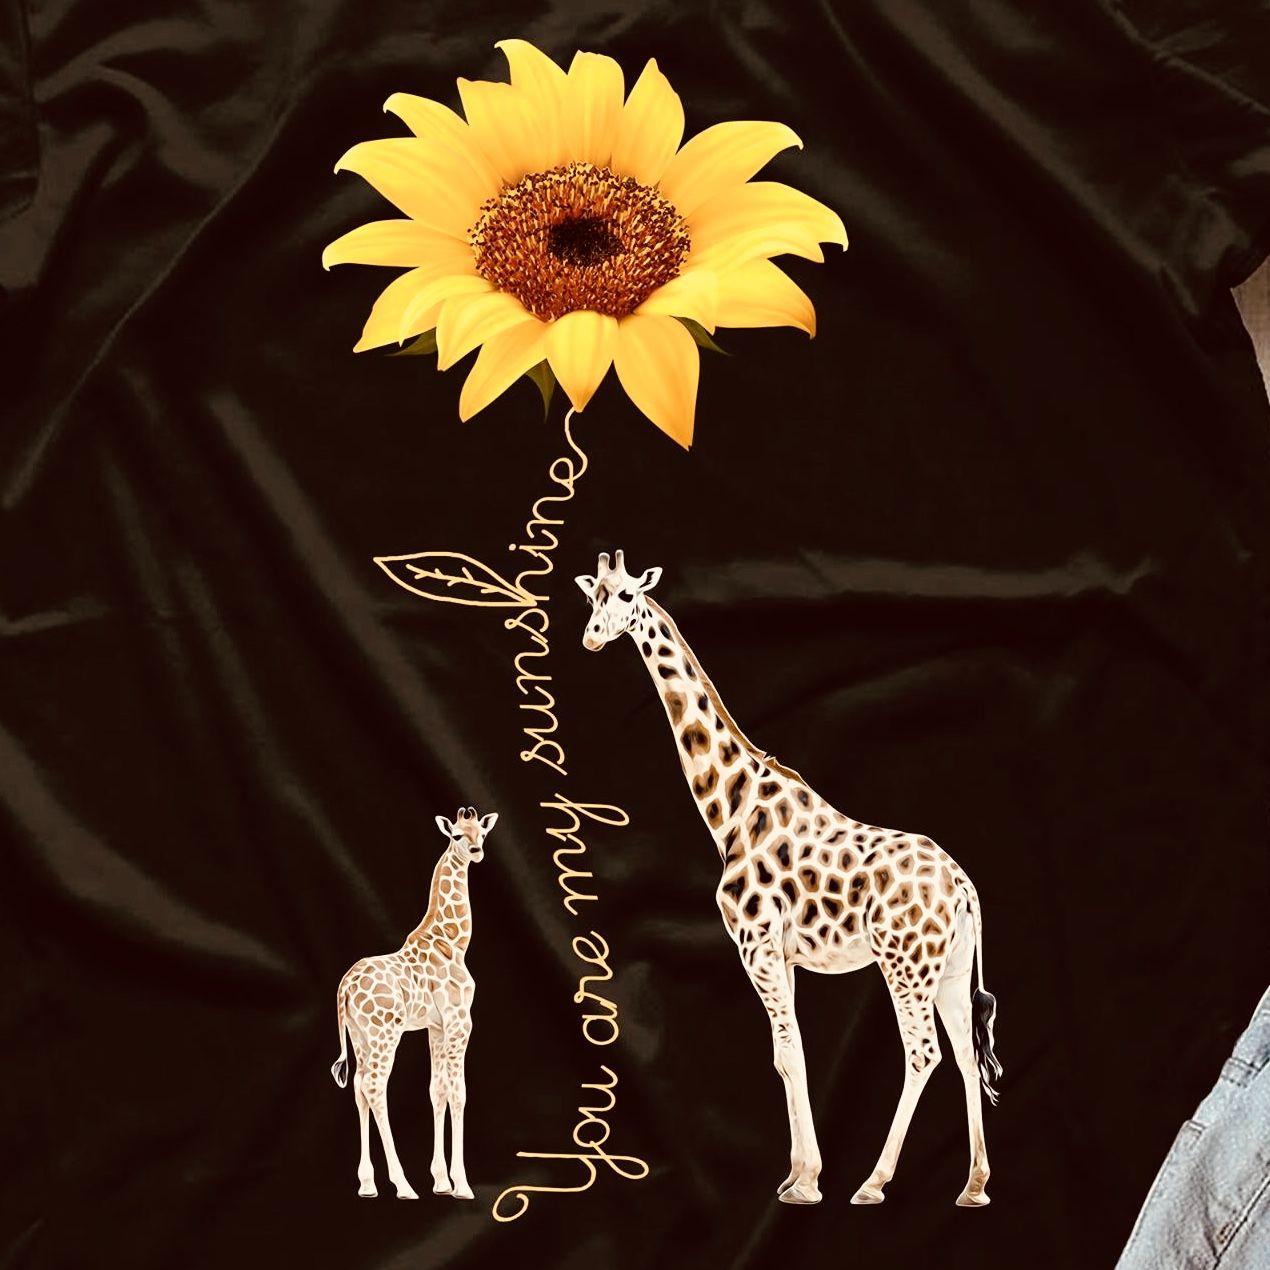 e92dc419f Cute tattoo idea! Giraffe Room, Giraffe Art, Giraffe Tattoos, Giraffe  Photos,